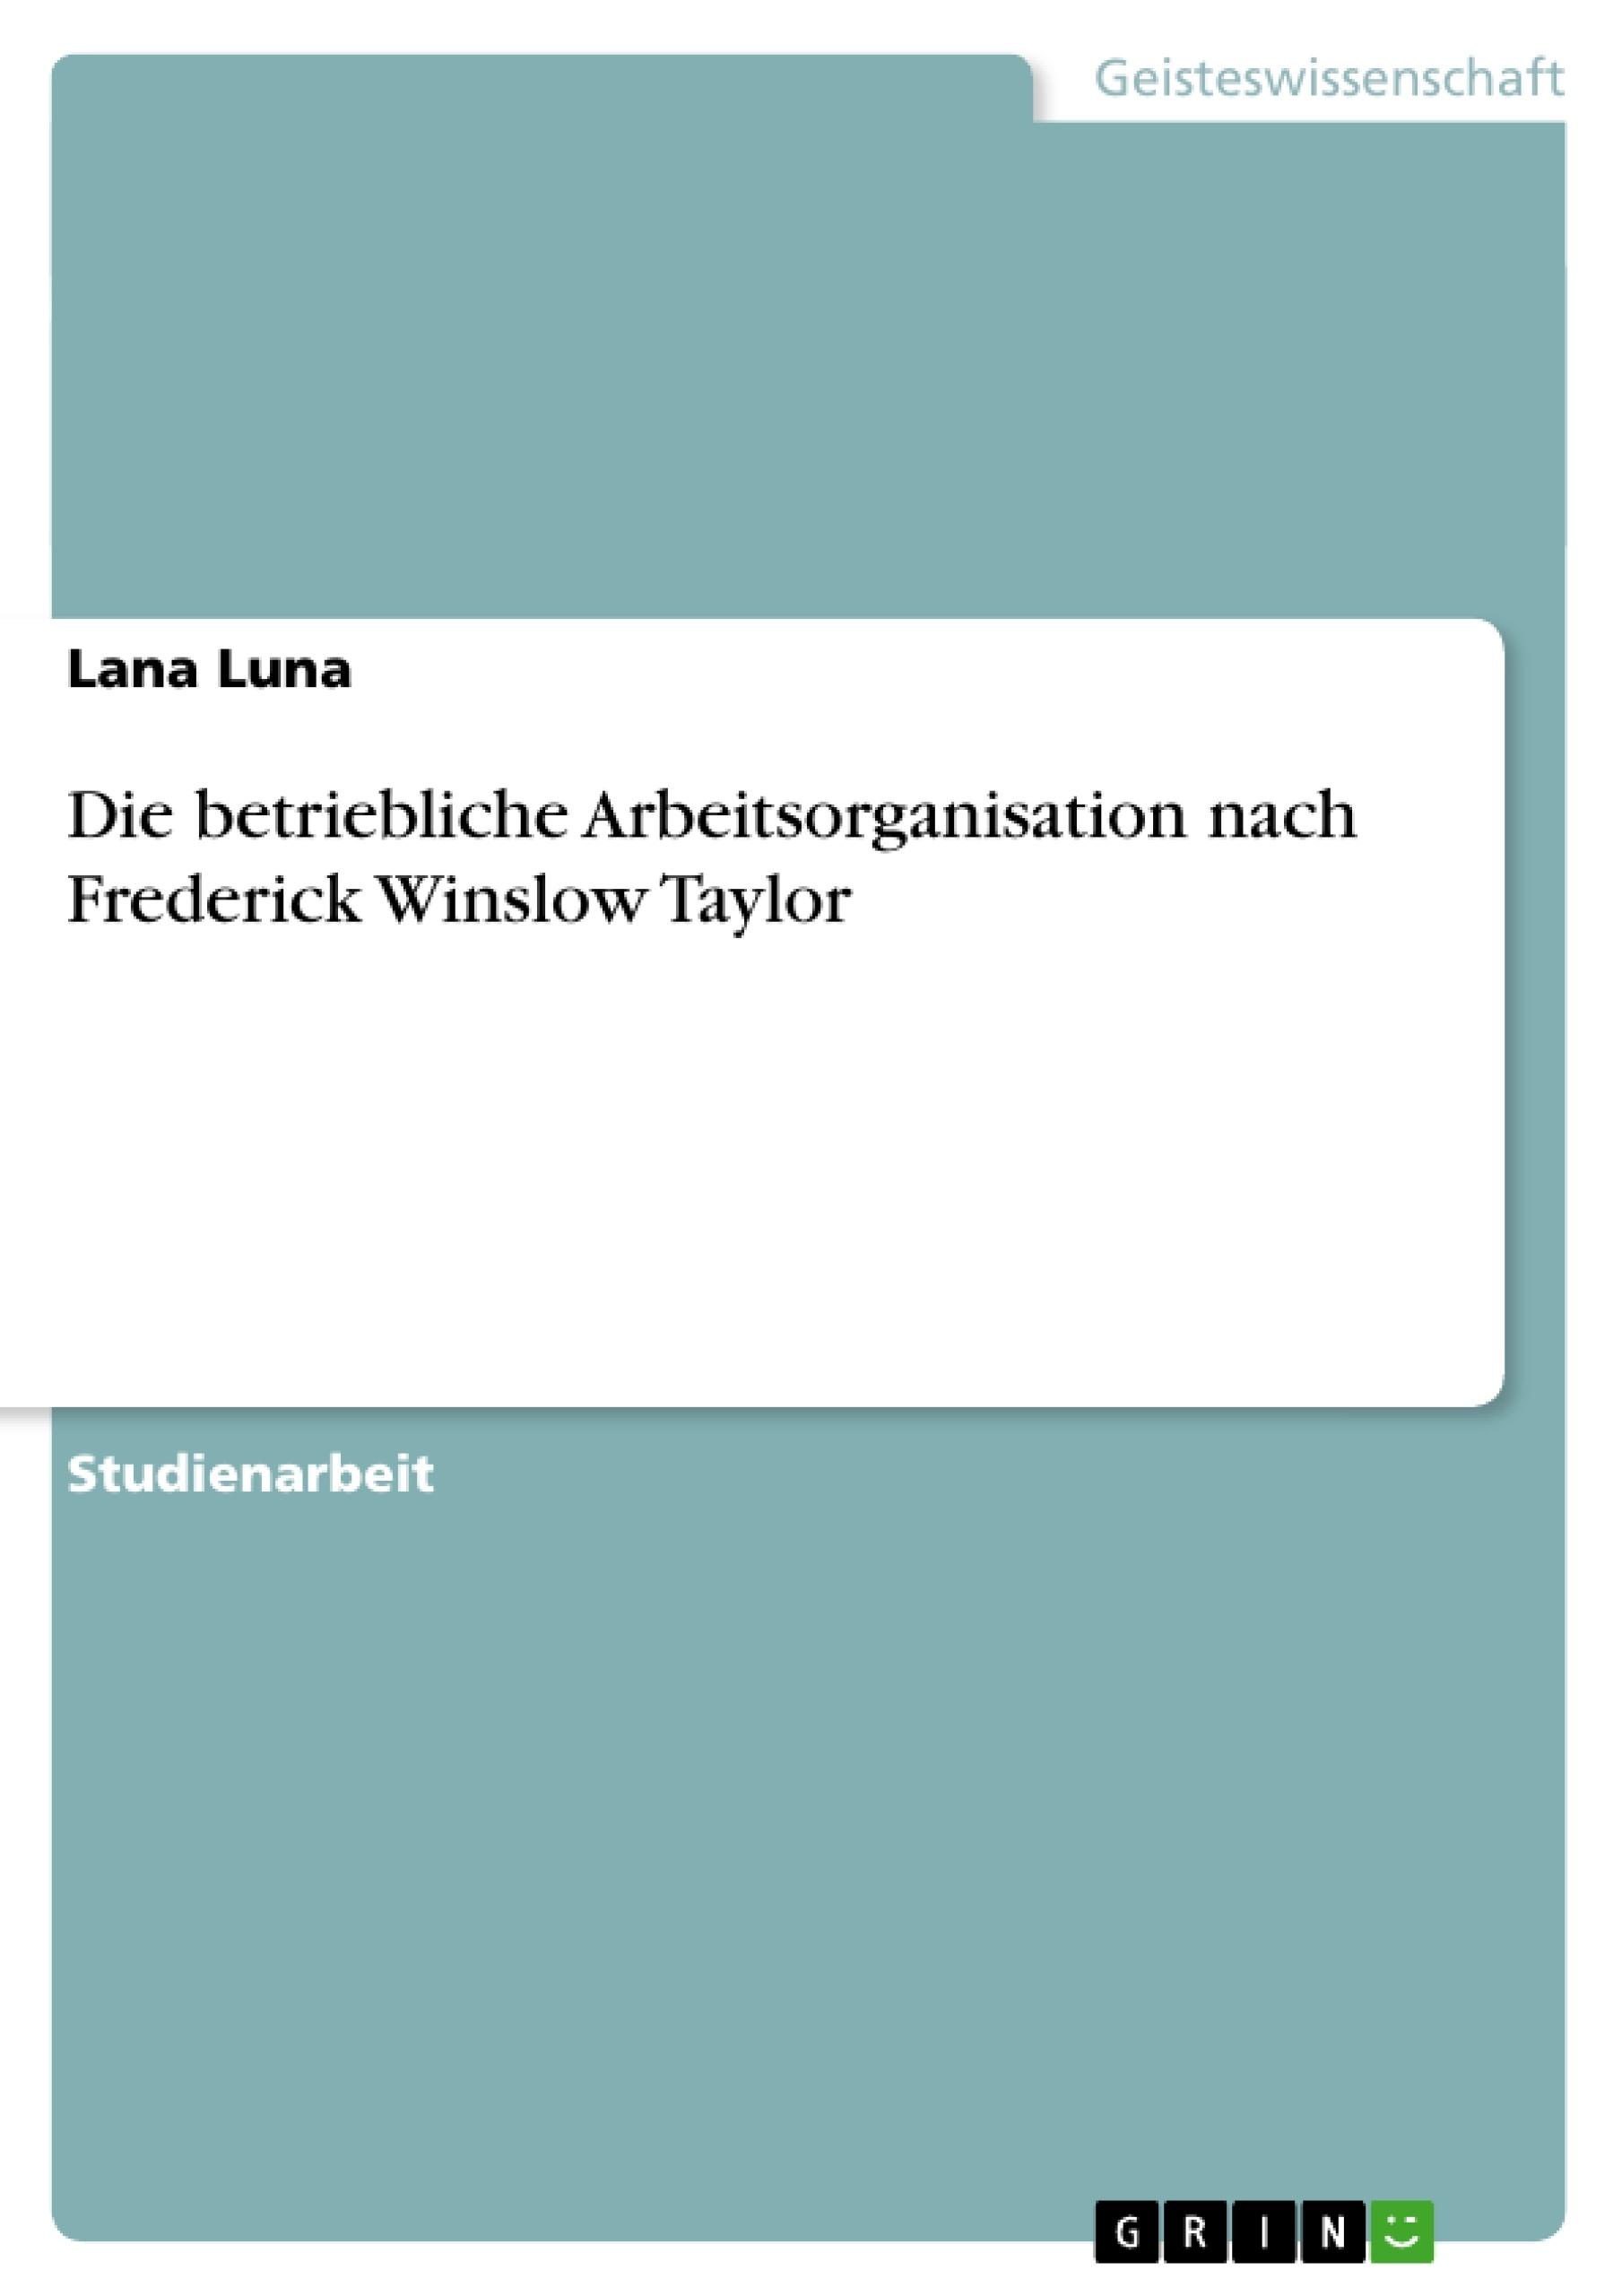 Titel: Die betriebliche Arbeitsorganisation nach Frederick Winslow Taylor